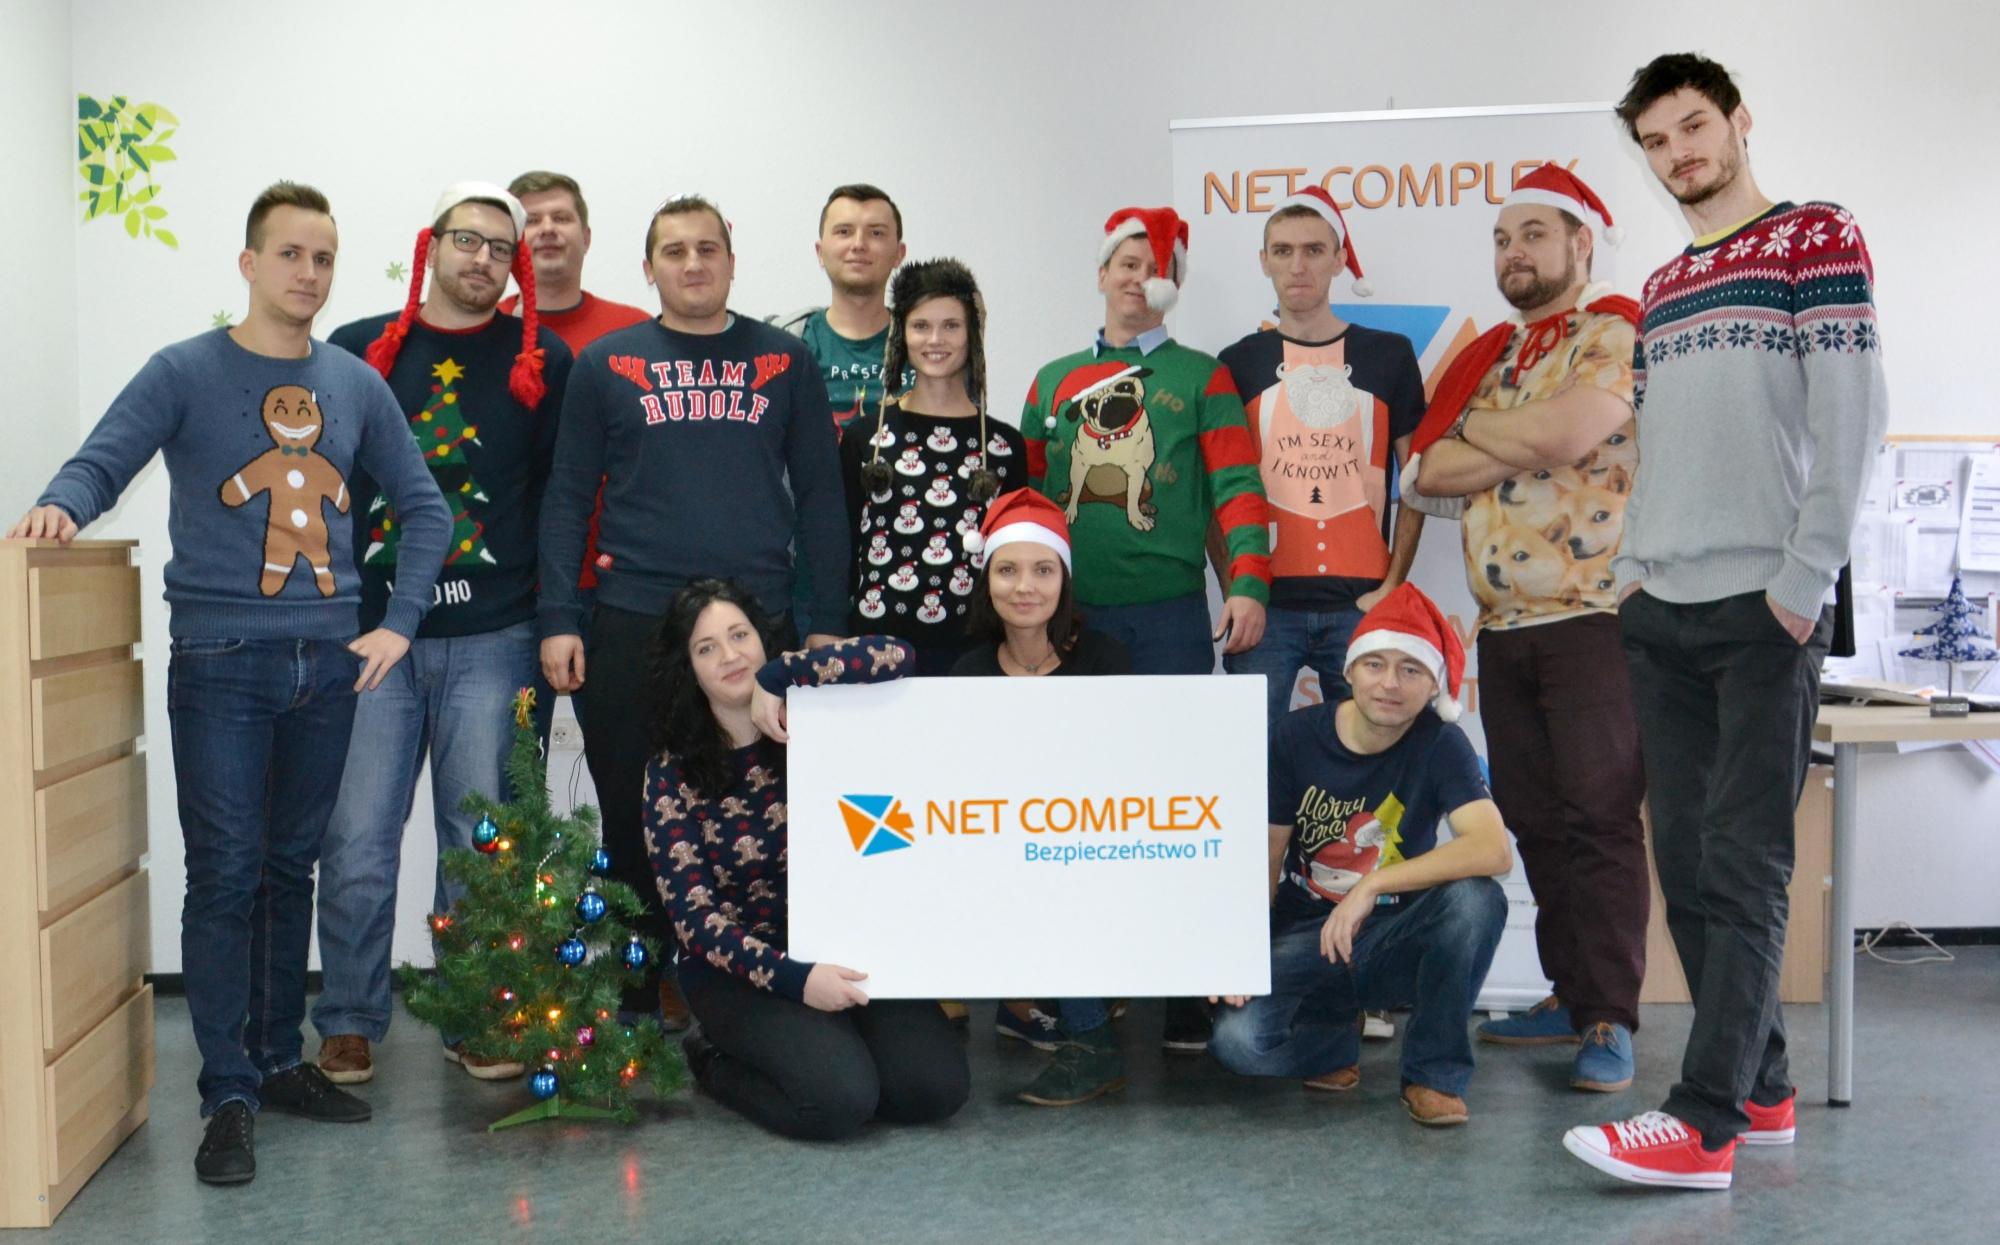 swieta wnetcomplex2 - Świąteczny Net Complex znajlepszymi życzeniami! - netcomplex